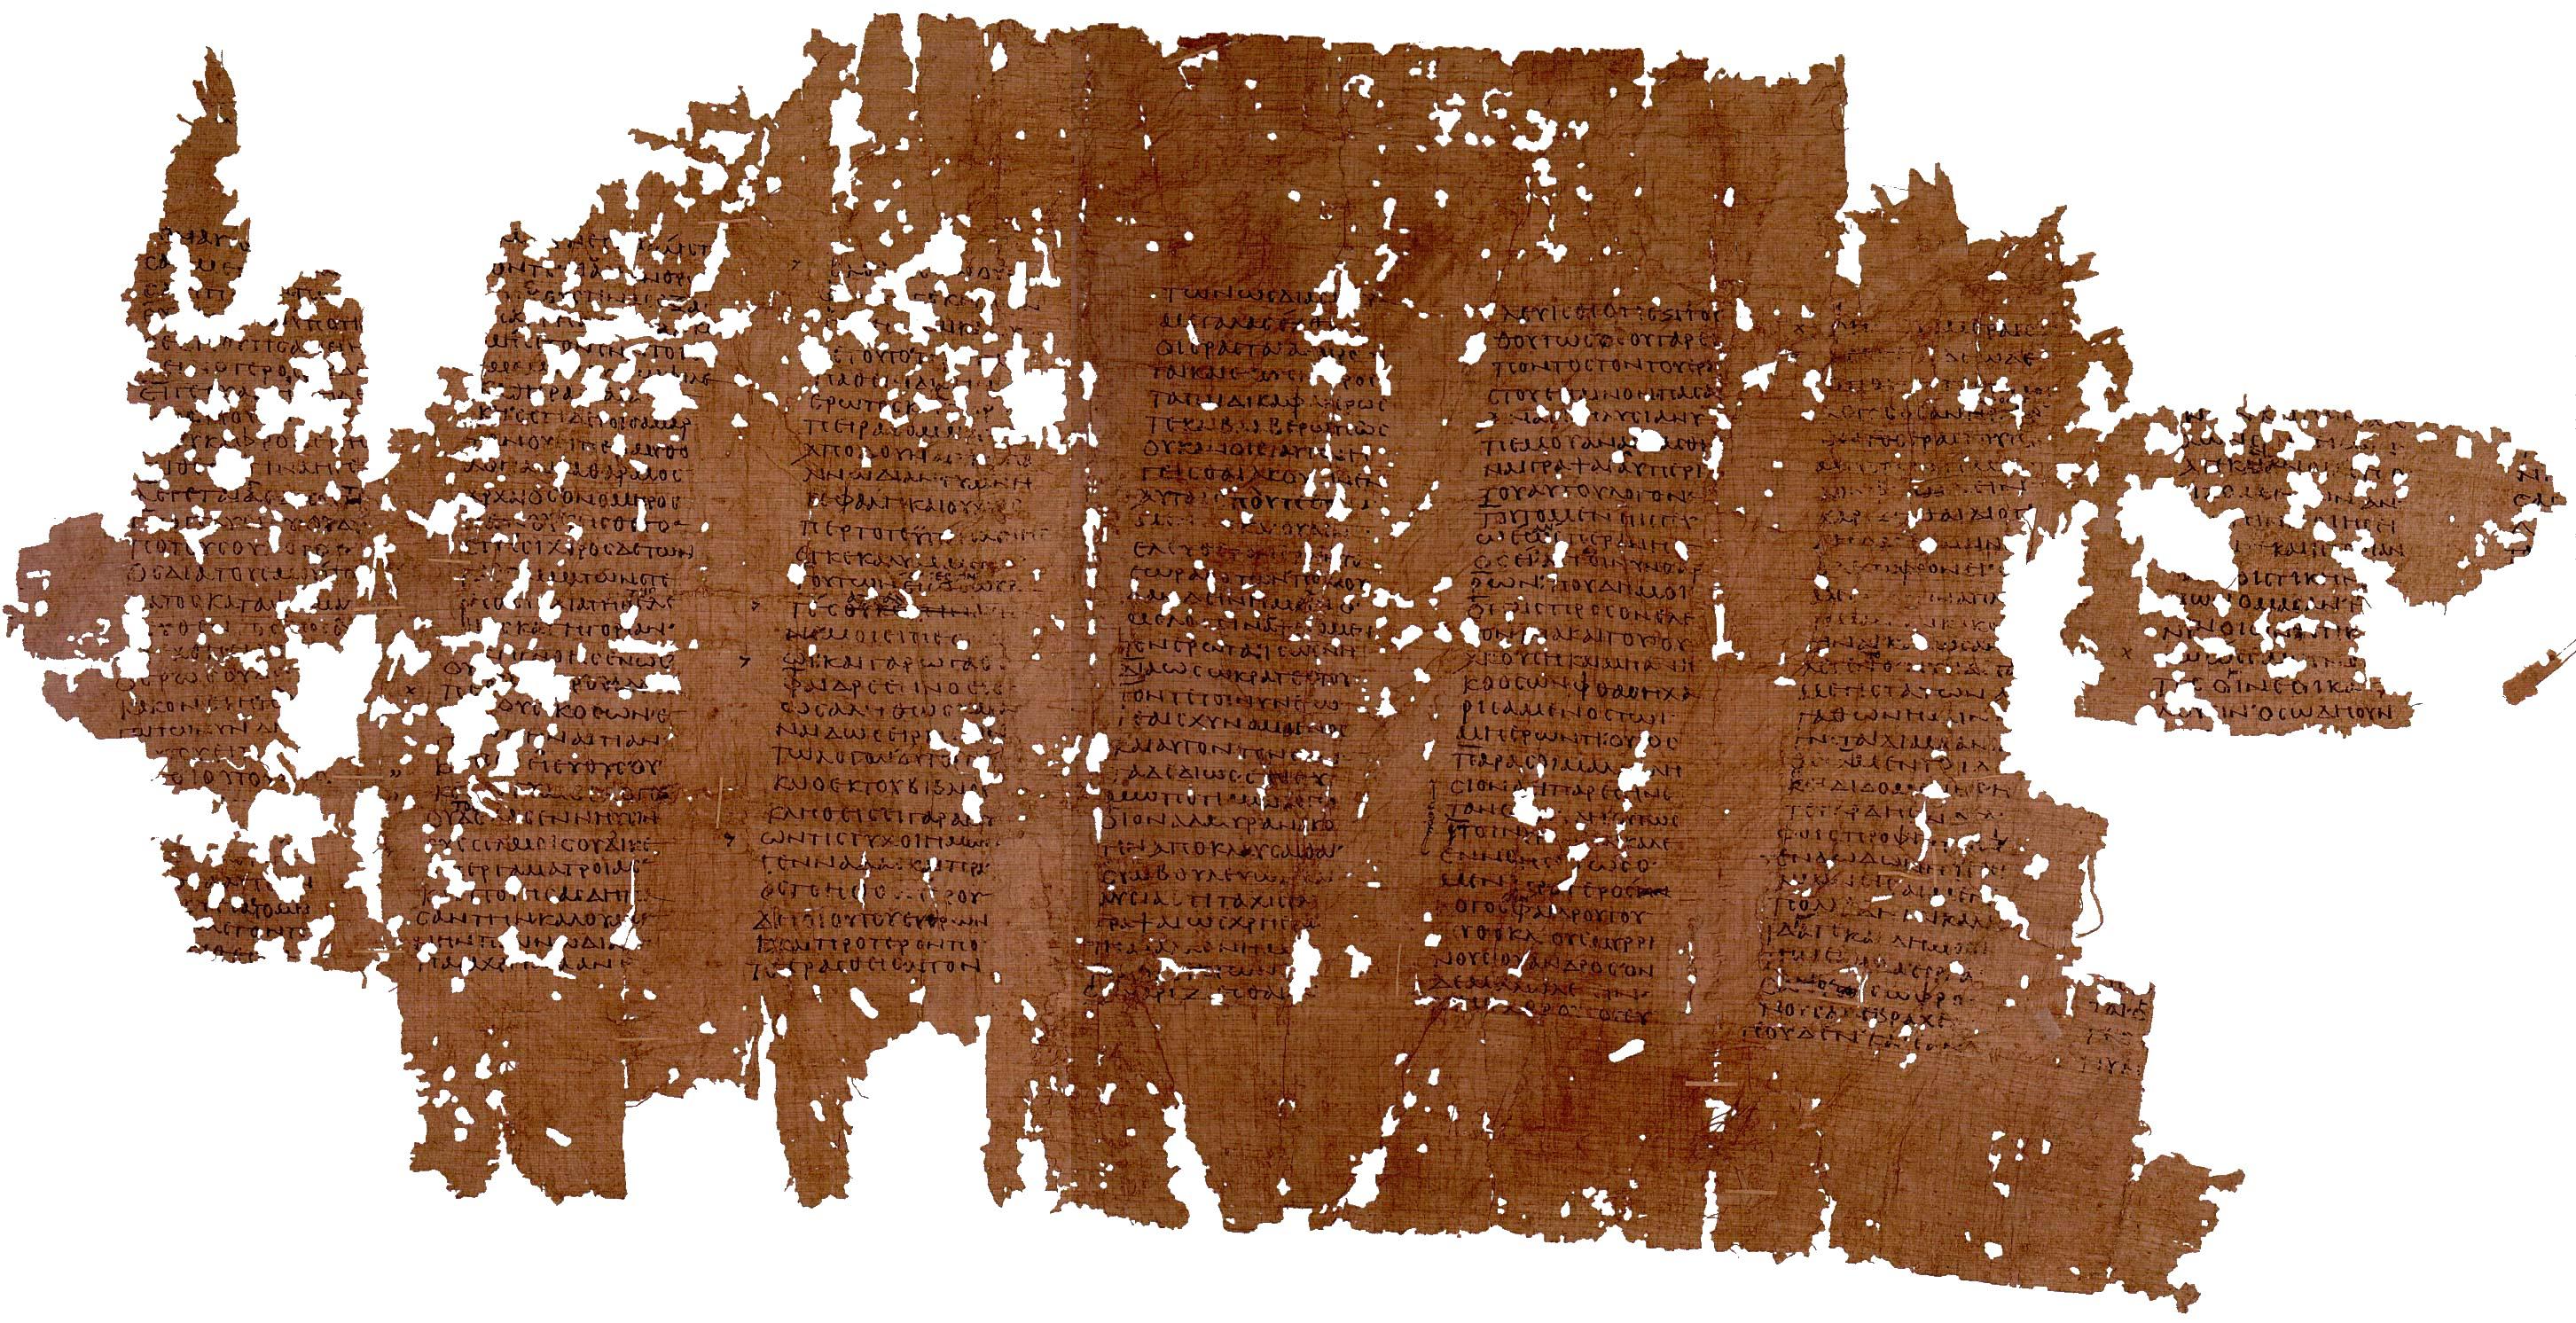 essays on phaedo Socrates in phaedo in phaedo  socrates in phaedo essay by papernerd contributor, college, undergraduate, august 2001  download word file.